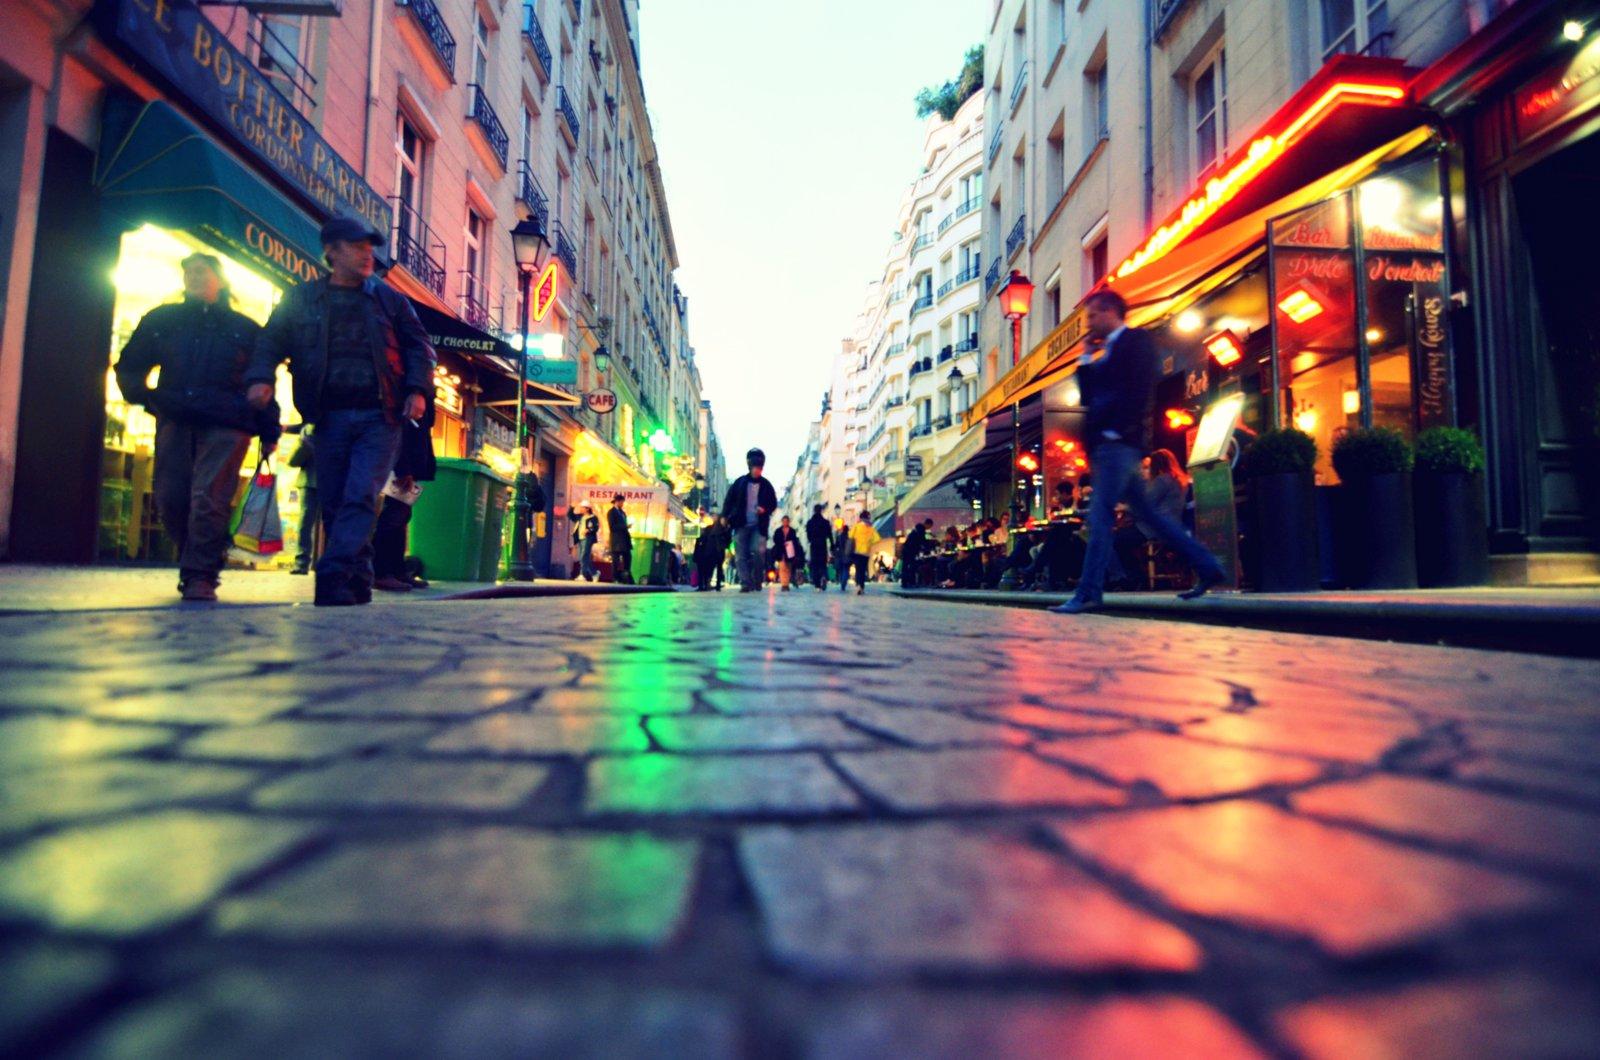 Mc Donald's rue Montorgueil